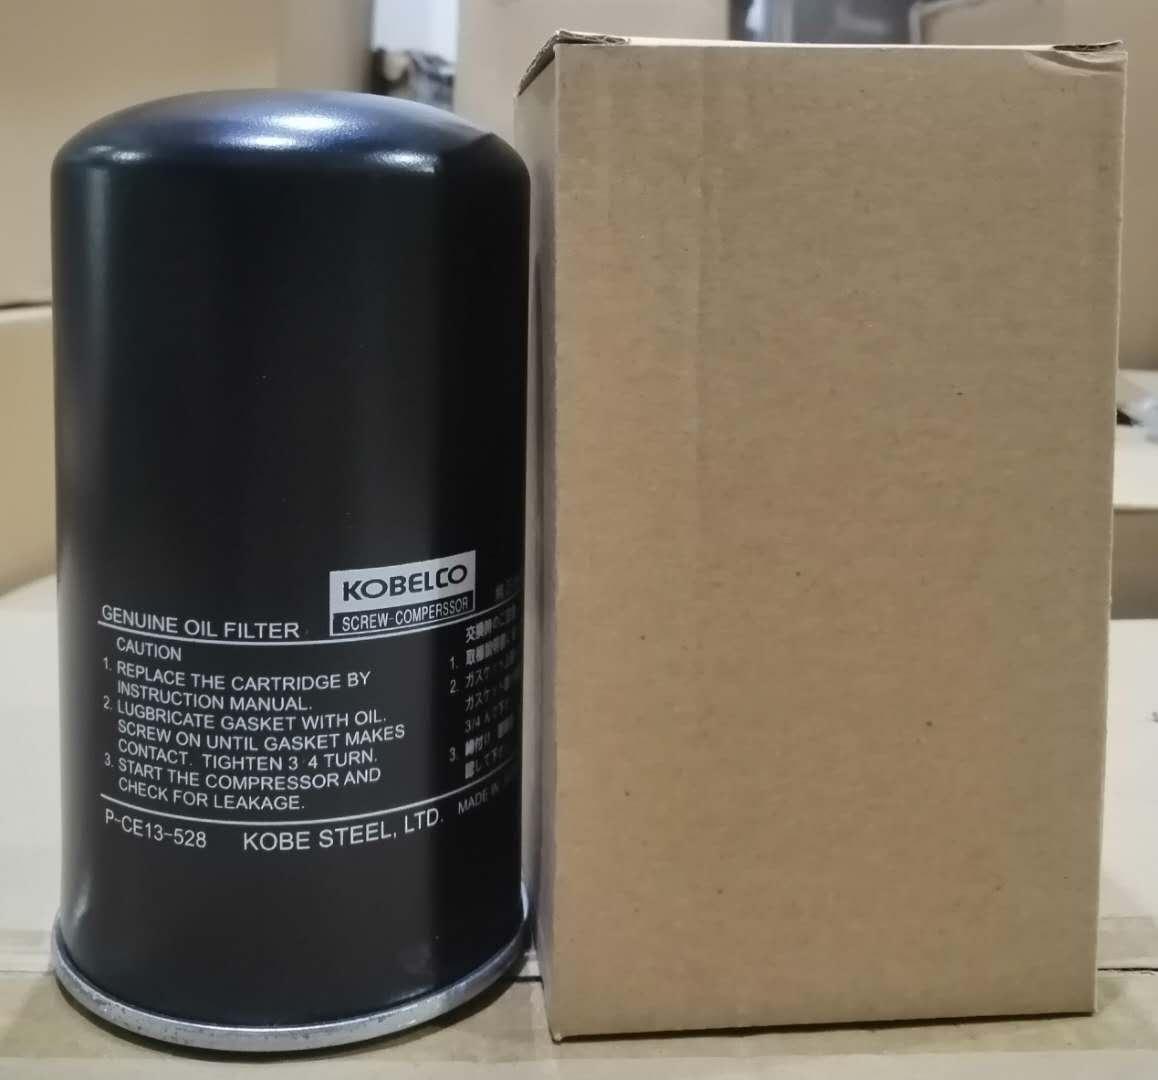 神鋼空壓機配件P-CE13-528 1